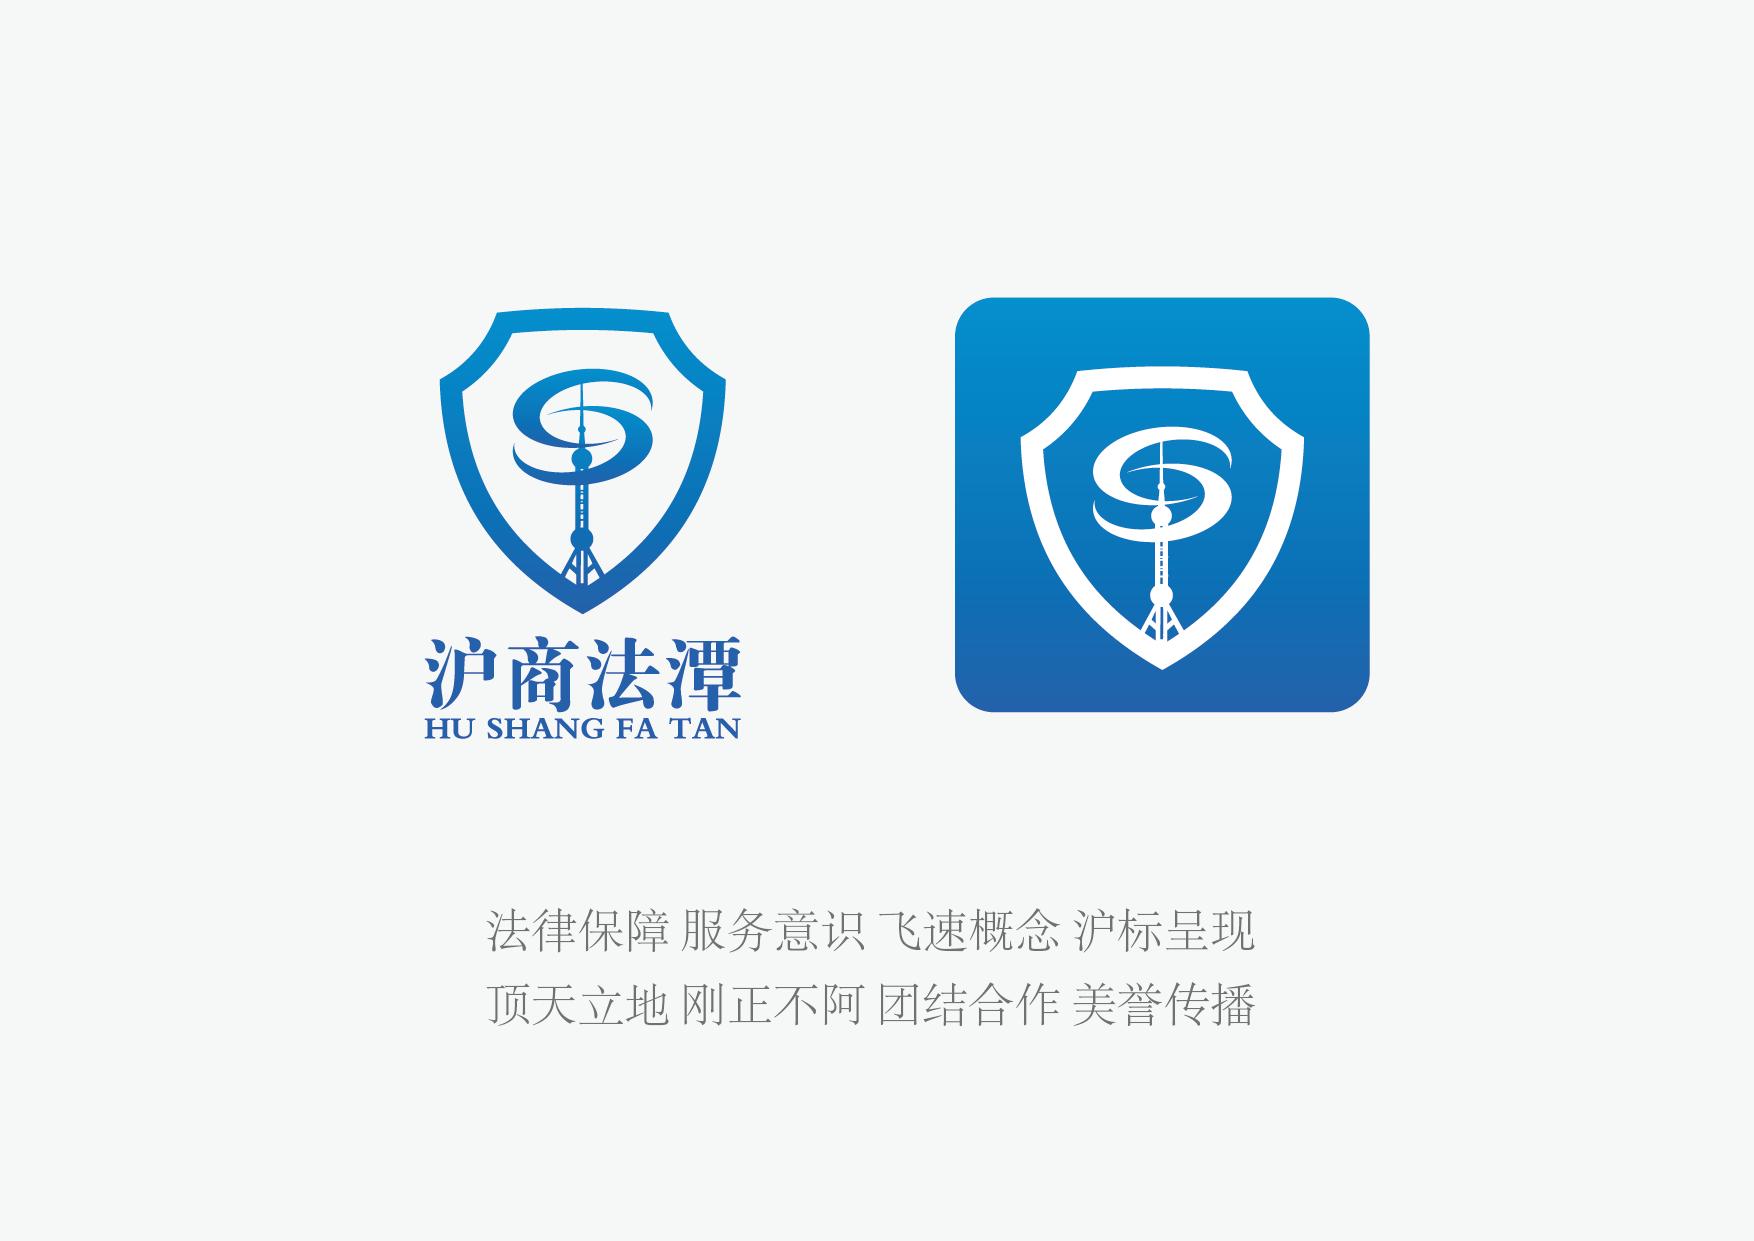 的logo-logo设计,设计设计-平台网服务水源老年人建筑设计规范(2009/02/2011:37)图片